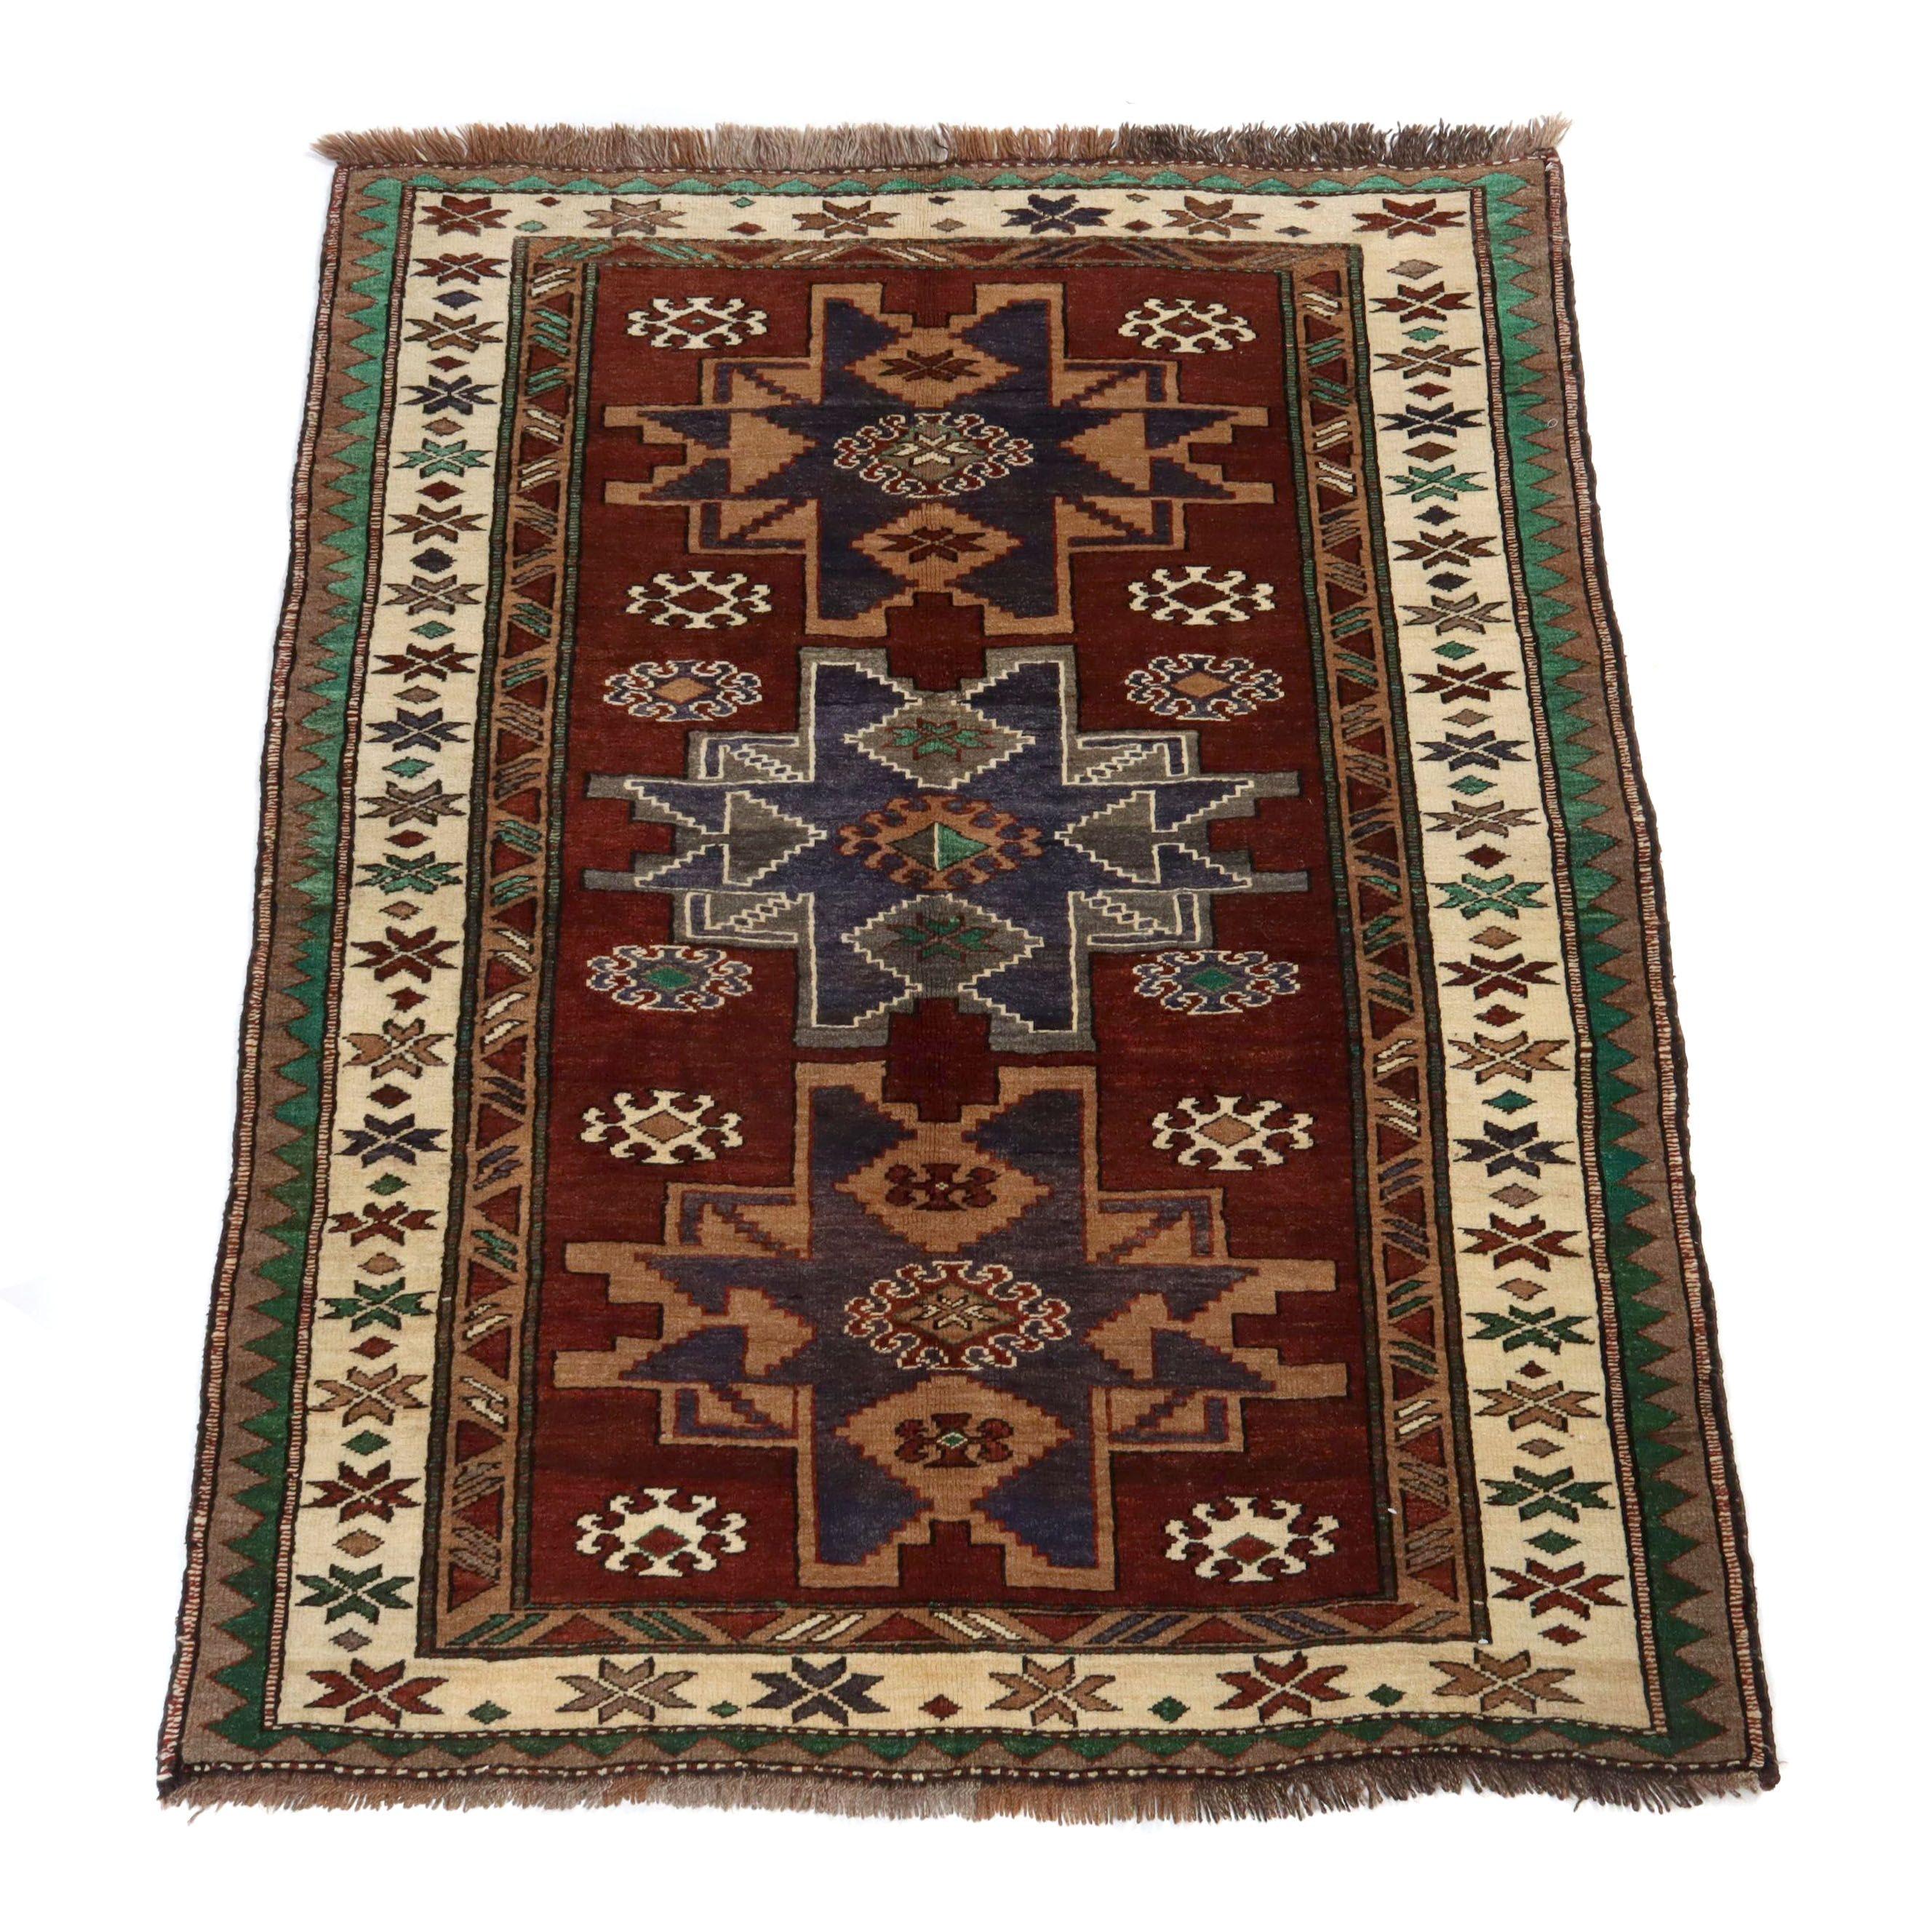 5' x 6.5' Hand-Knotted Turkish Azari Village Rug